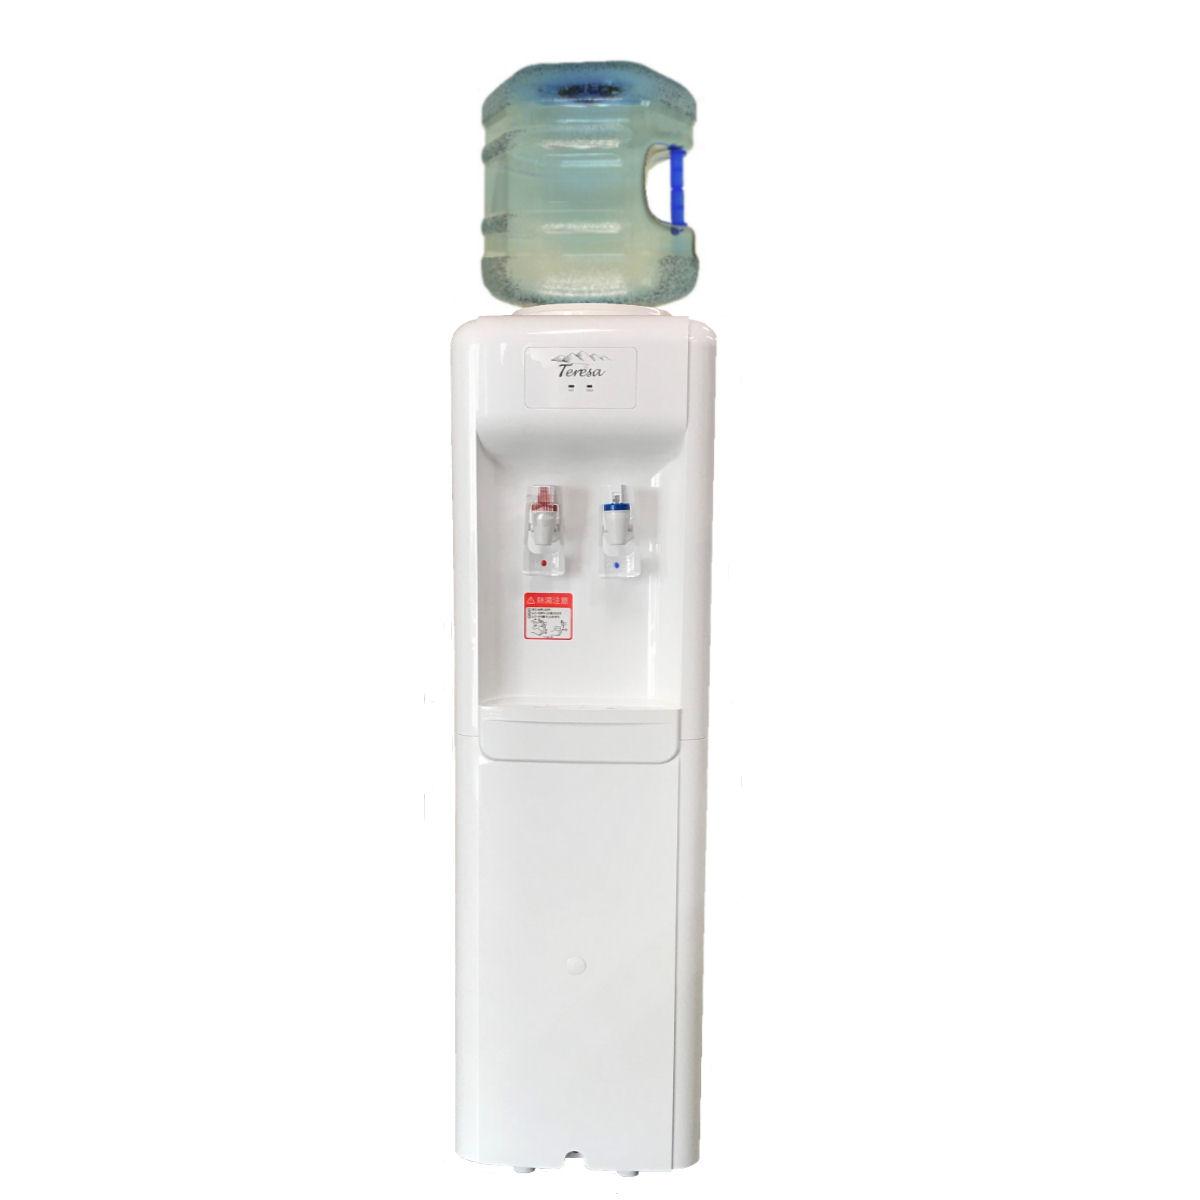 ガロンボトル用据置型ウォーターサーバー  anytimeSC 専用12リットルポリカーボネートボトル1本つき